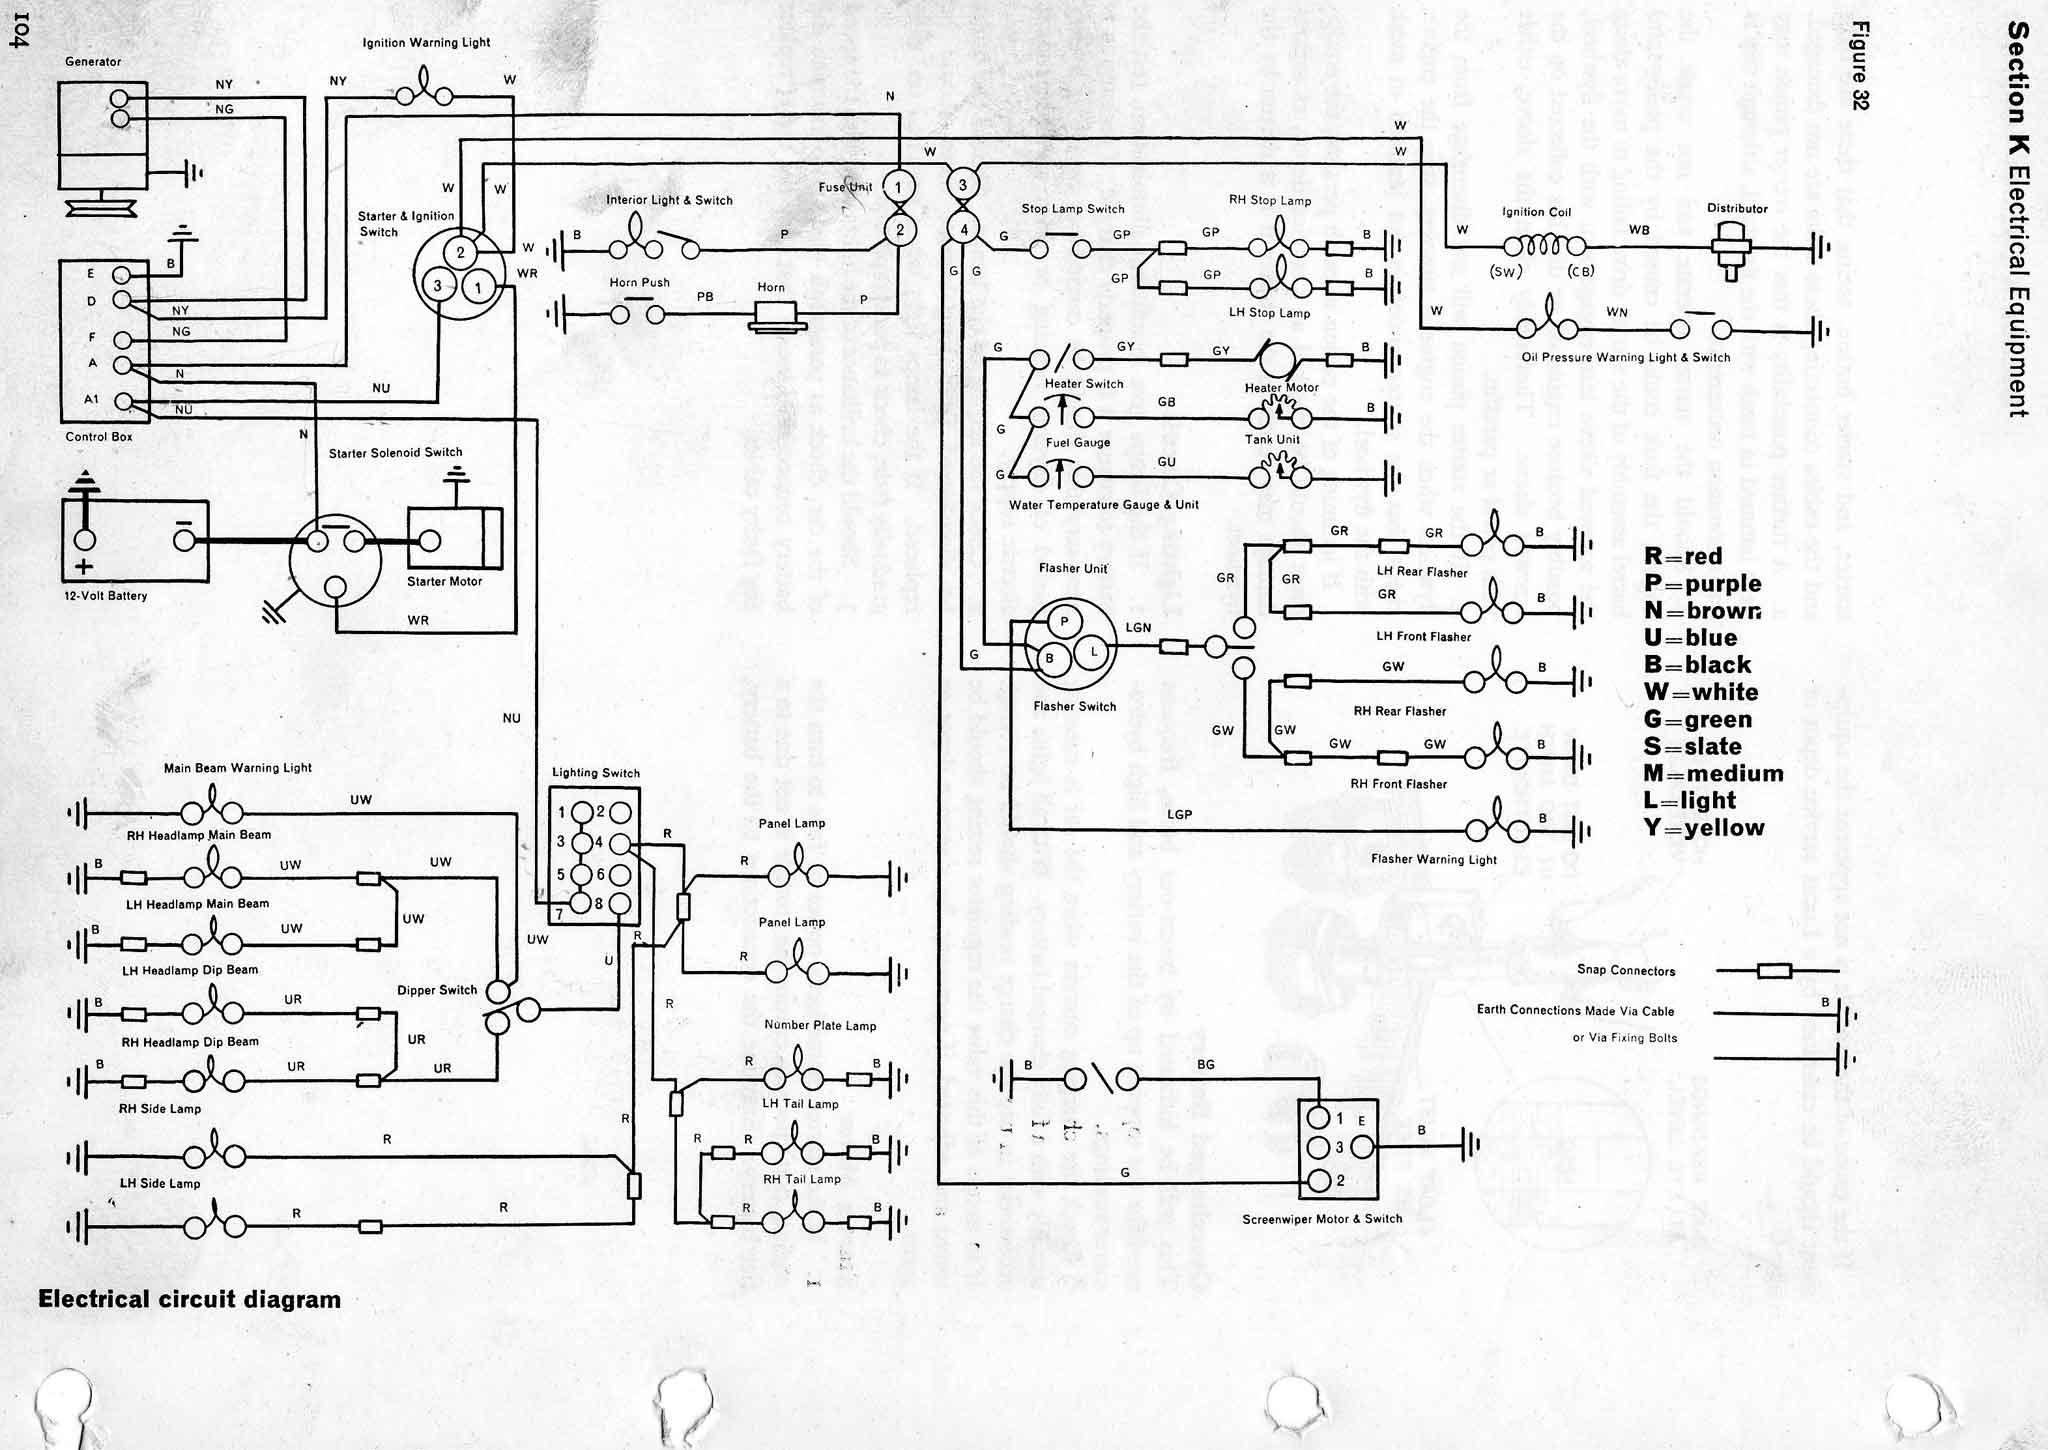 [DIAGRAM] Renault Trafic Fuse Box Diagram FULL Version HD